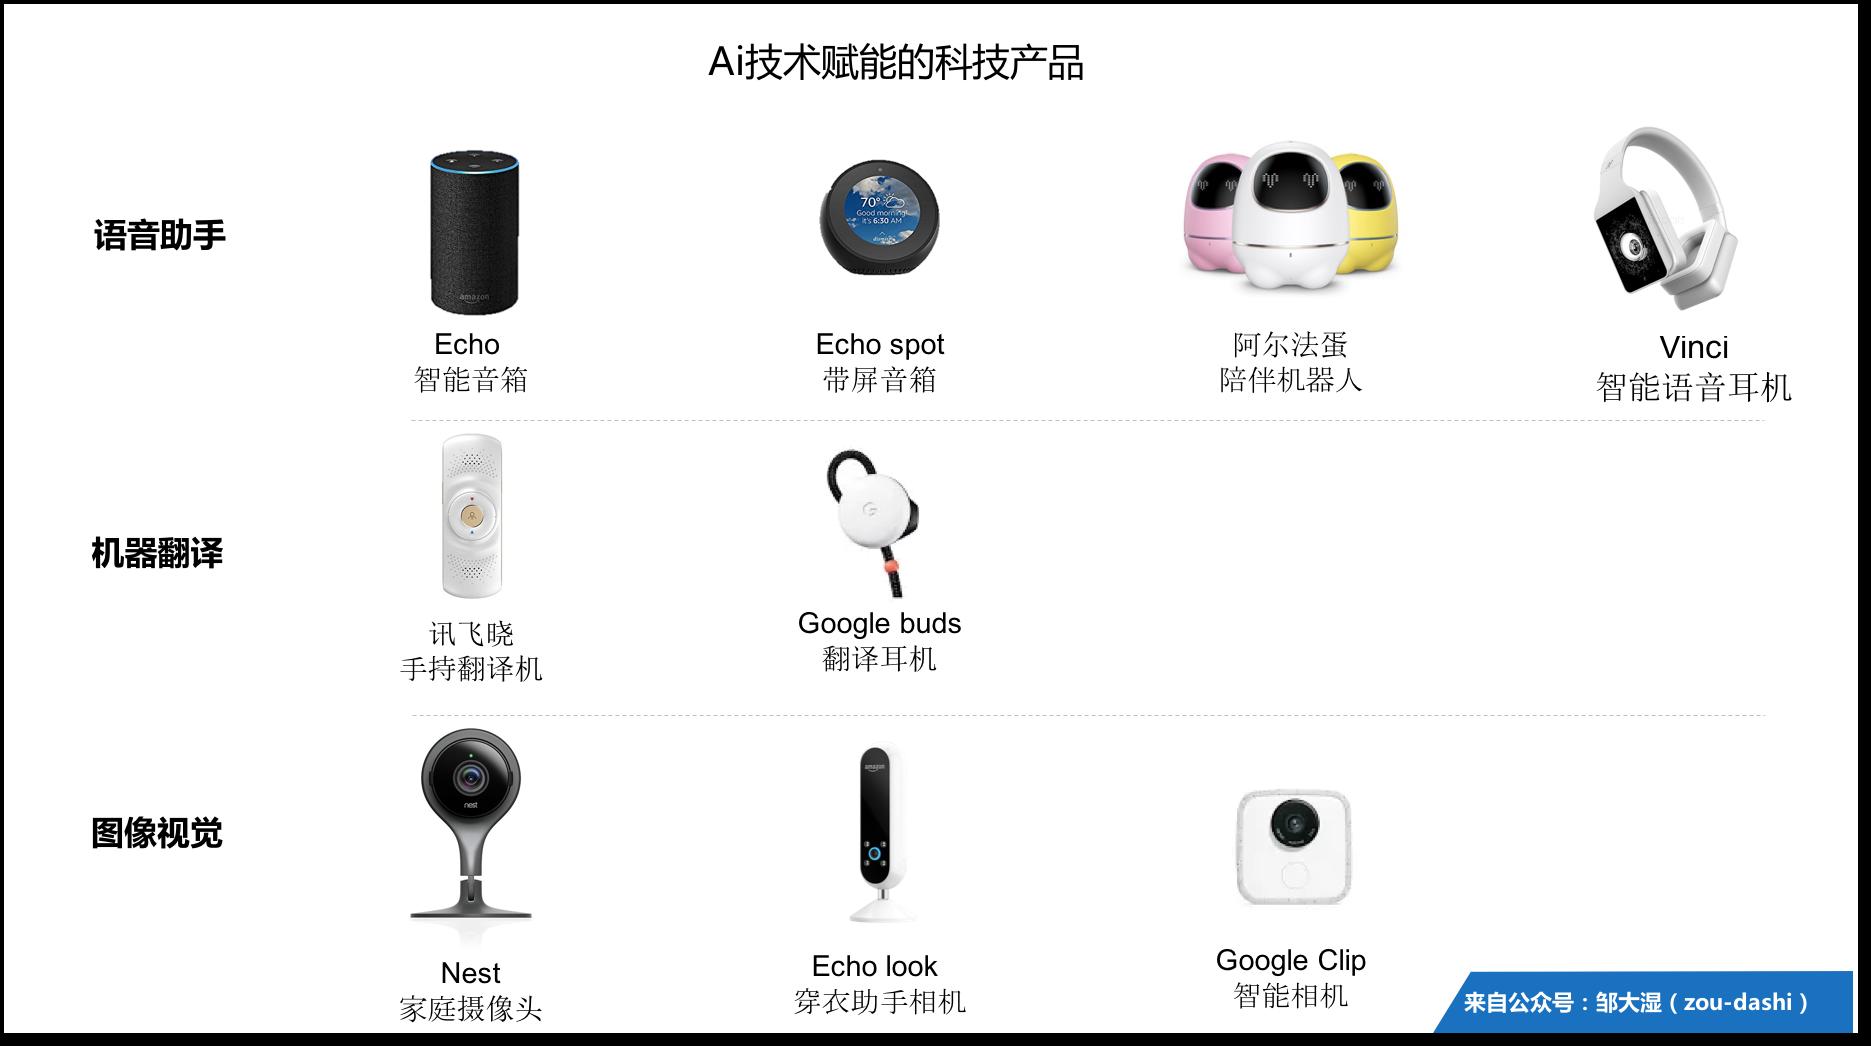 2018 AI产品趋势(上):红利期已过的智能音箱出路在哪里?